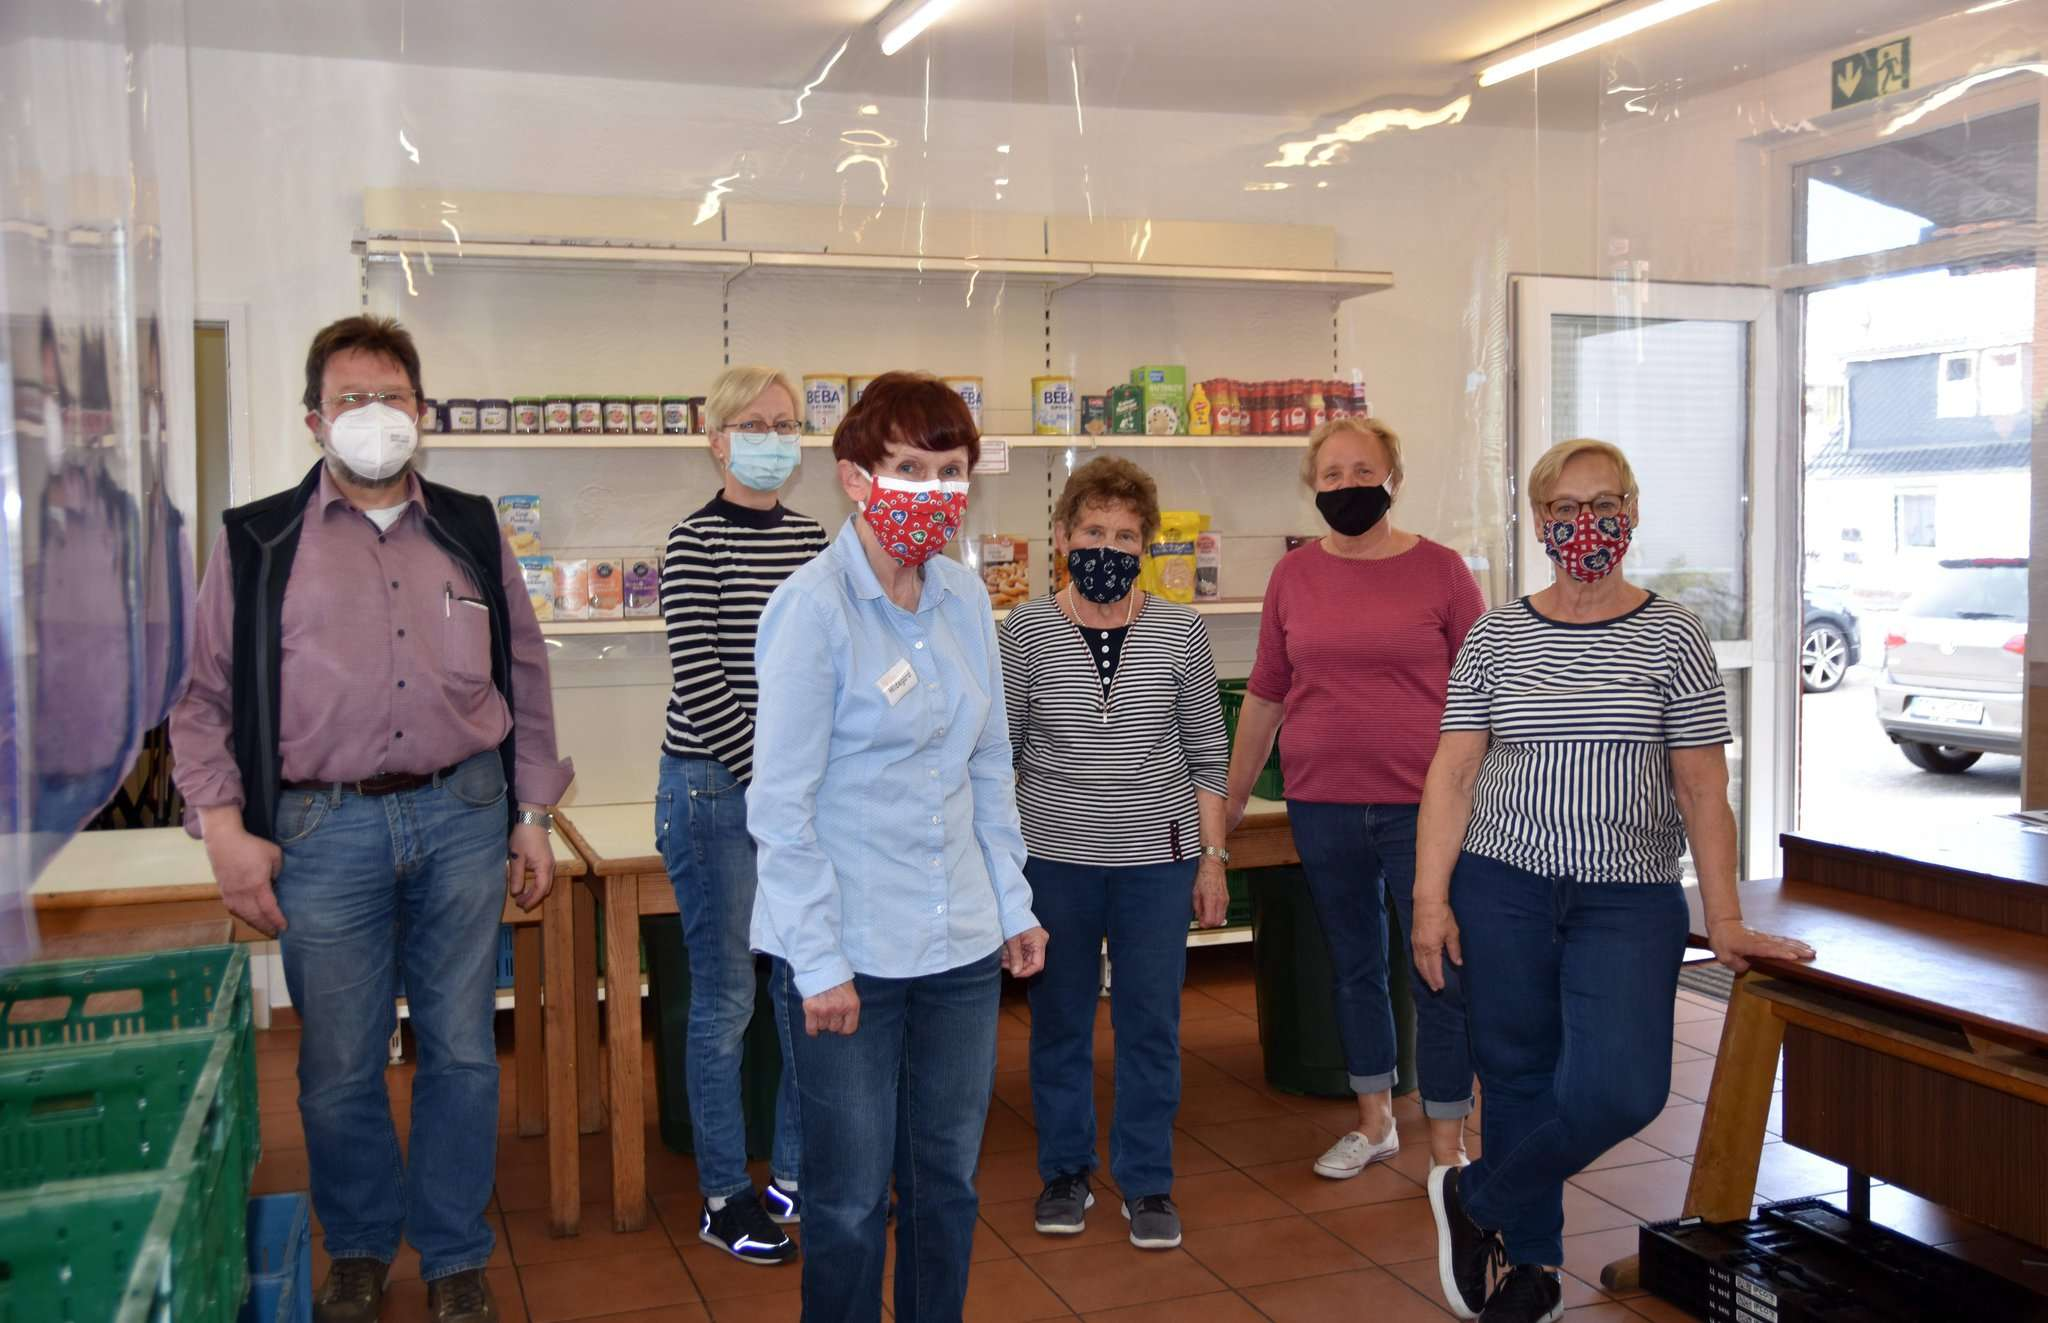 Mund-Nasenschutz und sonstige Hygienemaßnahmen gehören zum Tafelalltag jetzt zwingend dazu. Fotos: Heidrun Meyer